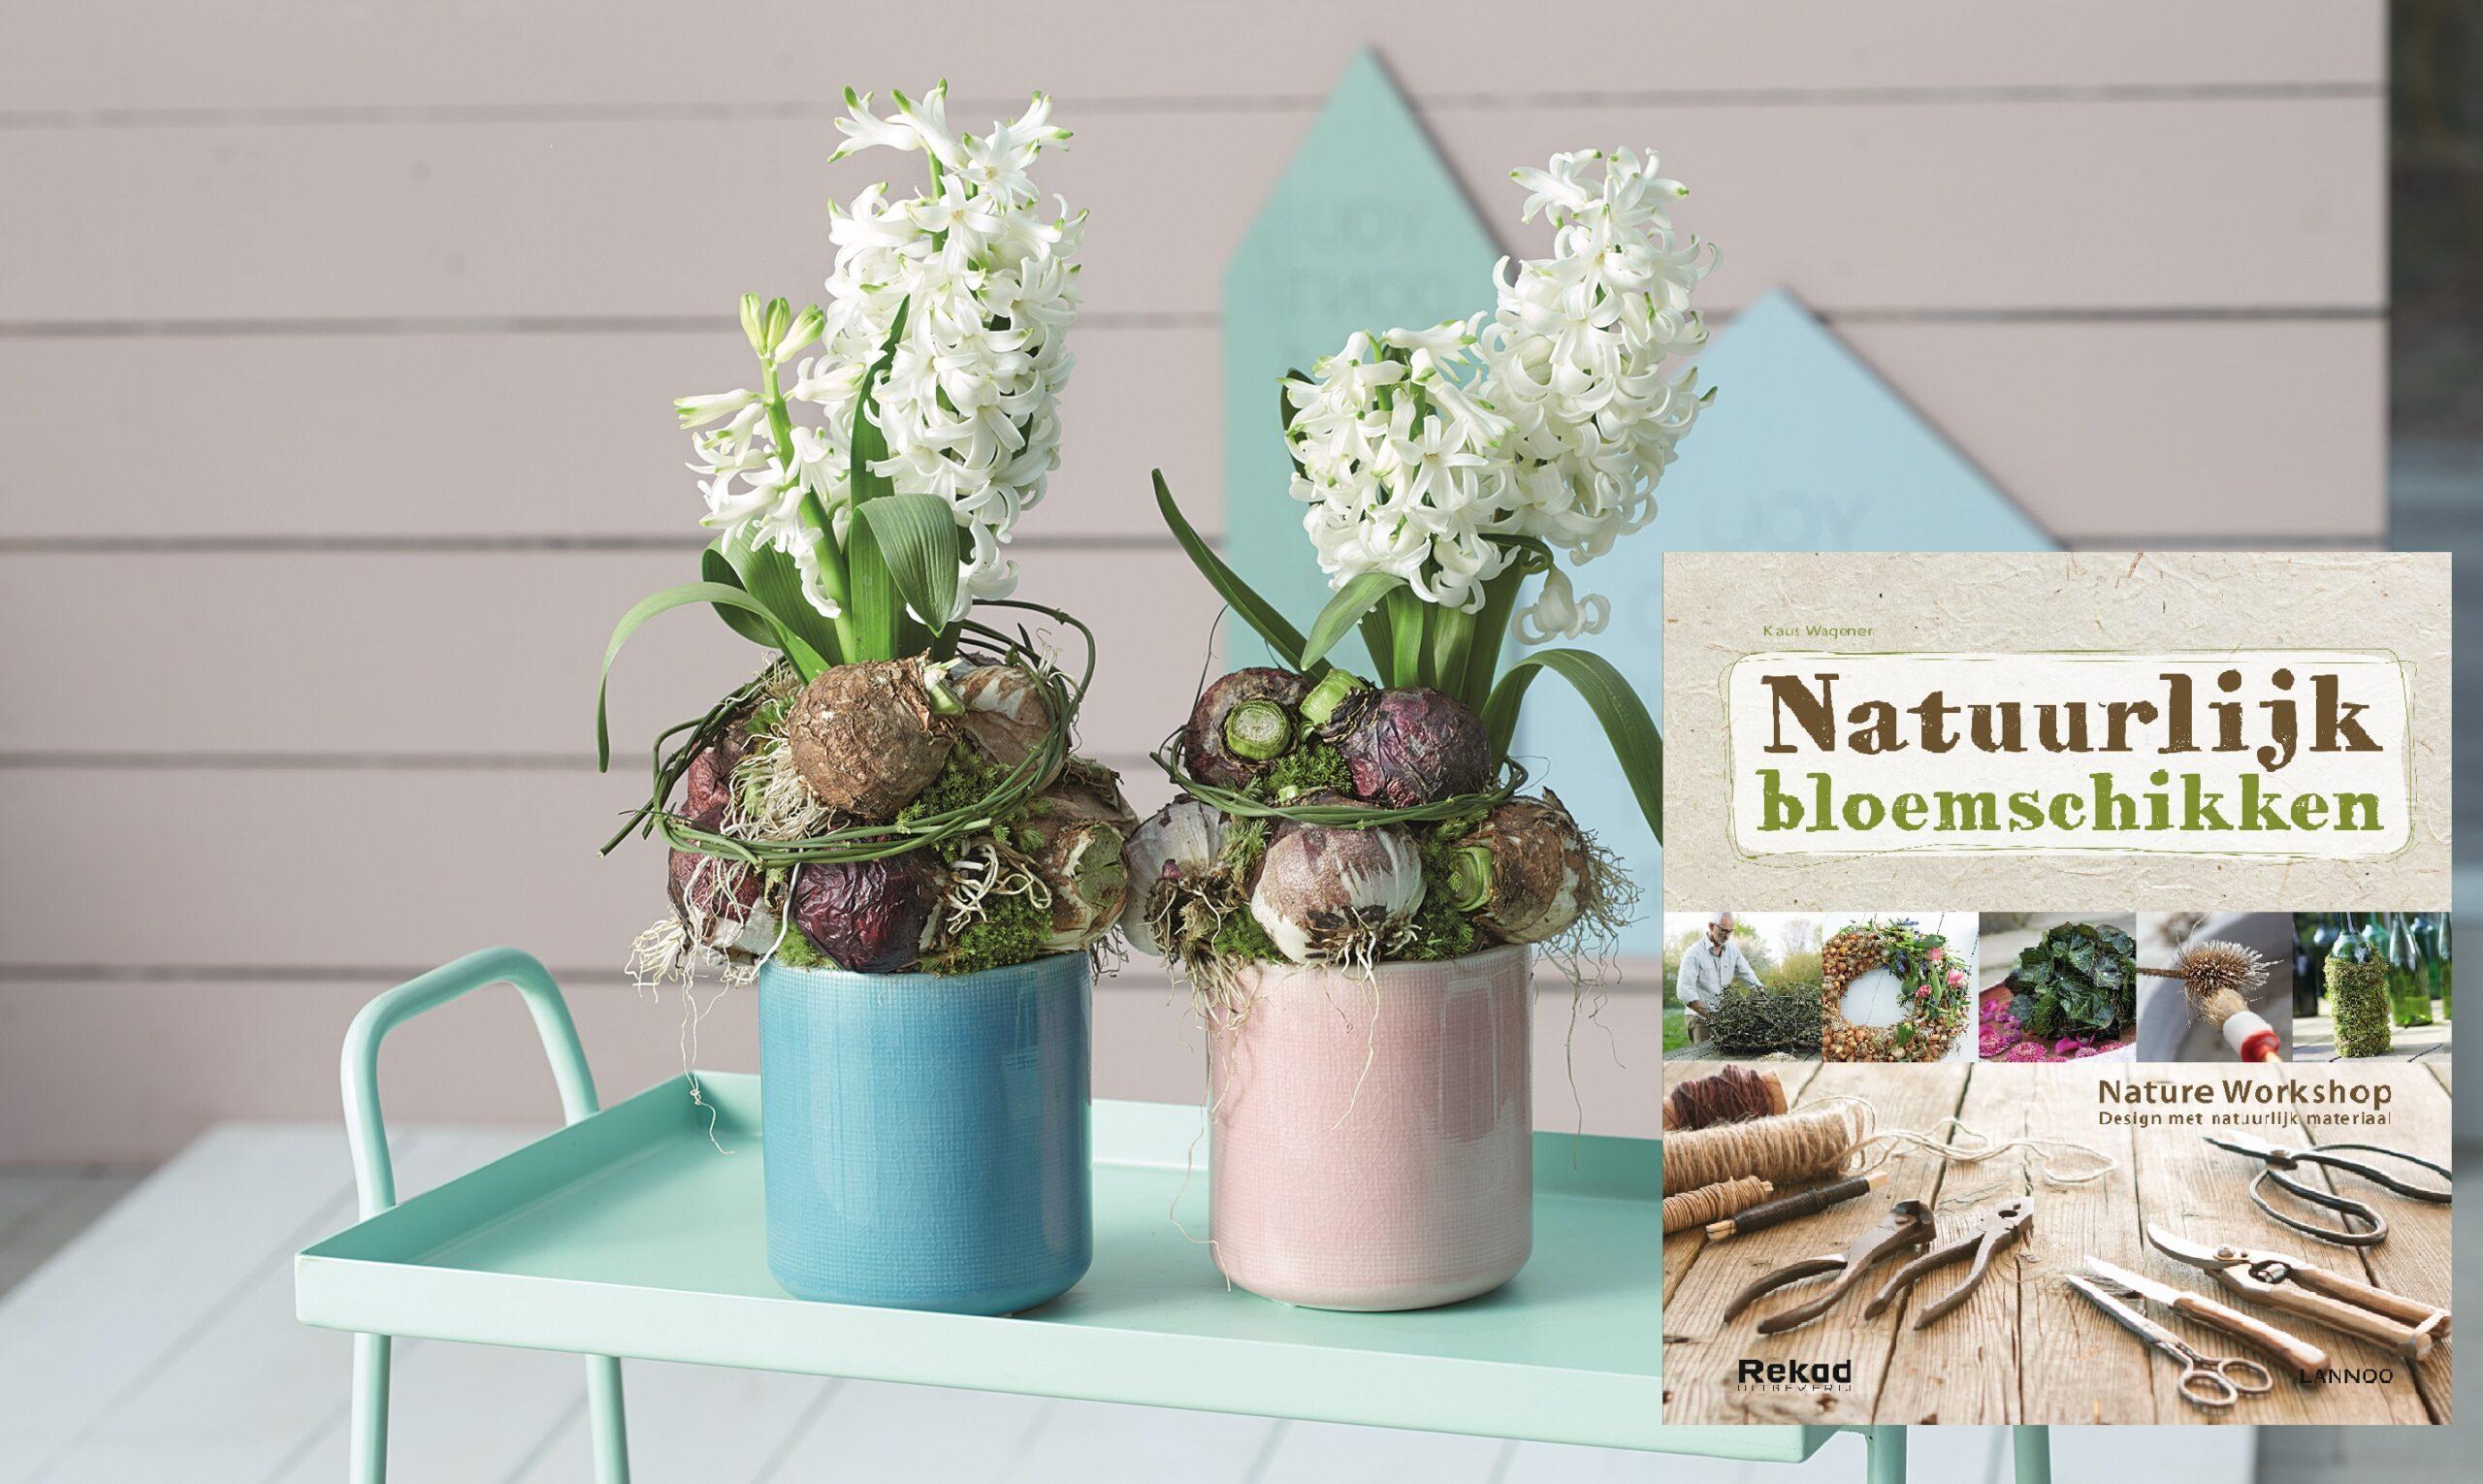 Rekad geeft samen met Lannoo bloemschikboek uit